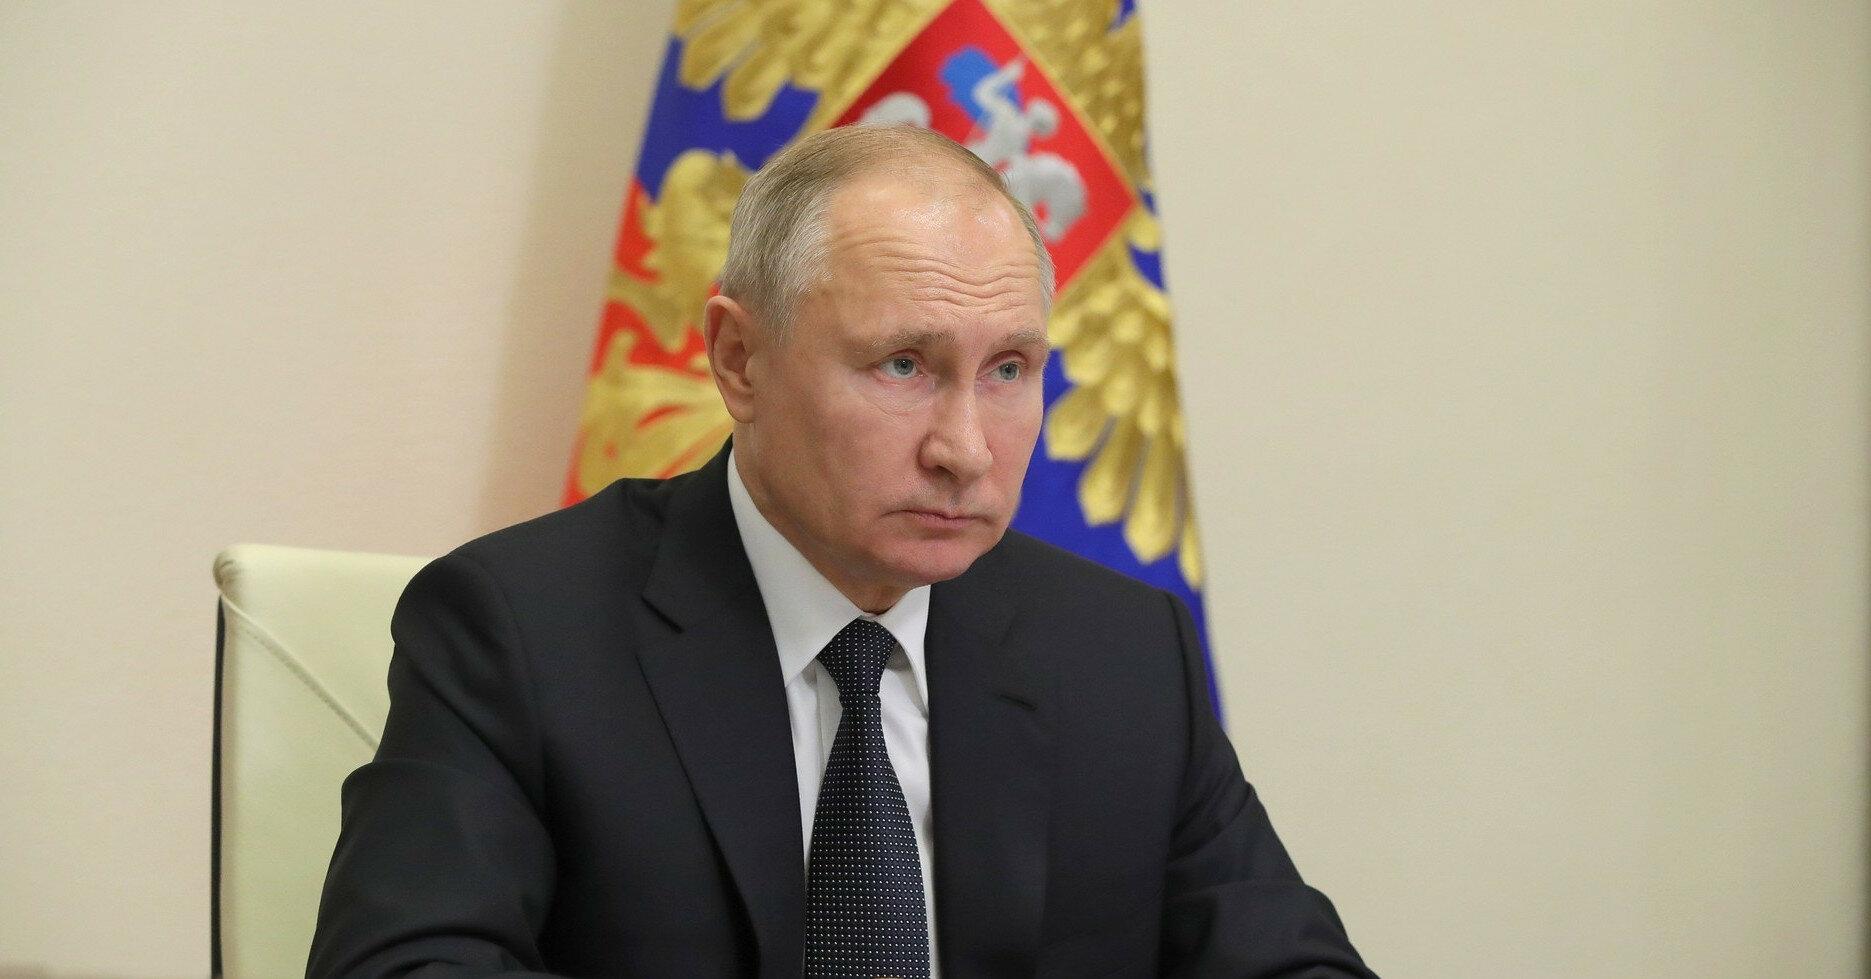 Путин ветировал законопроект о пожизненной ответственности главных редакторов